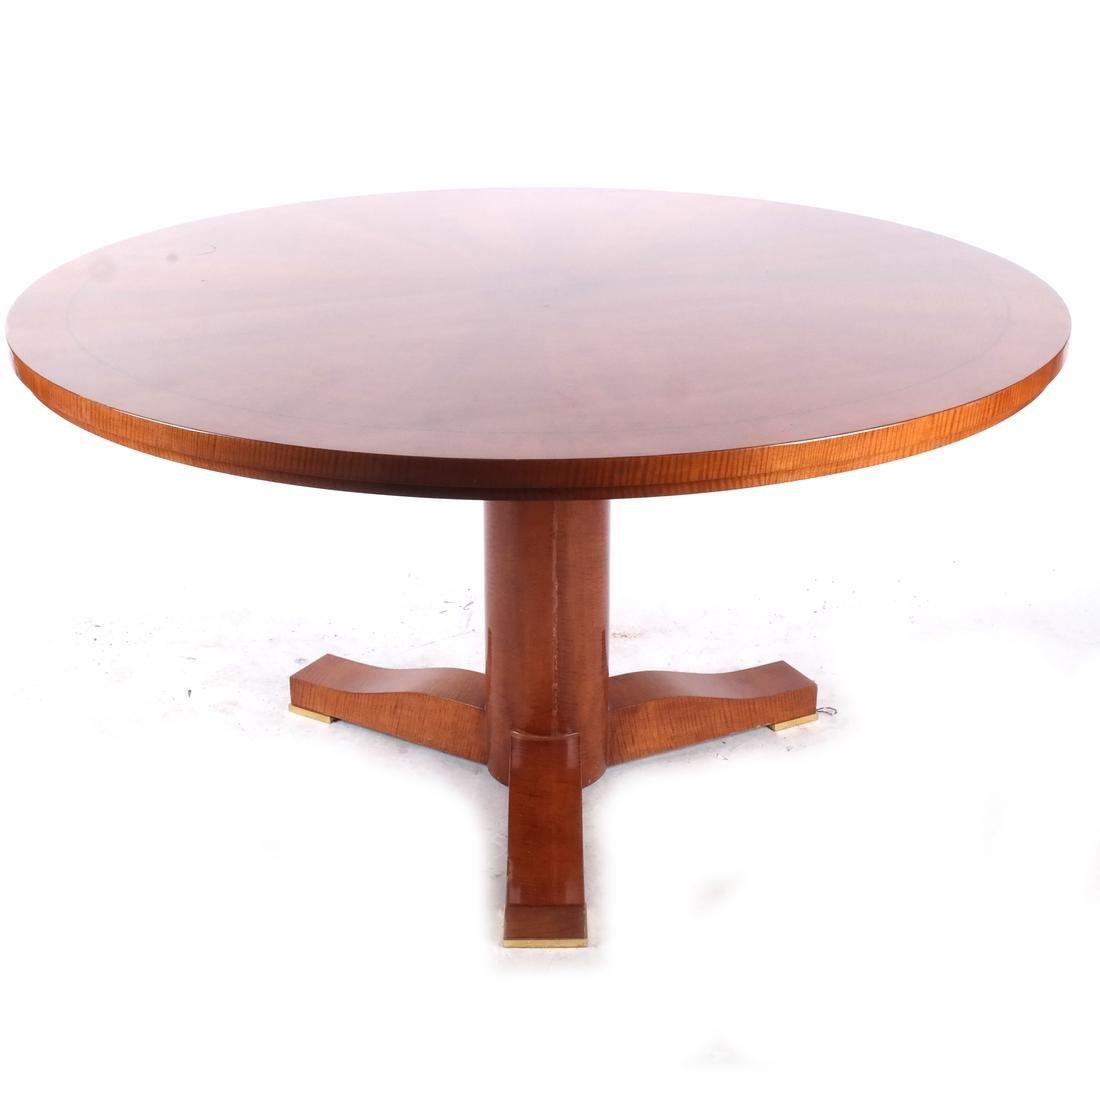 Karl Springer Regency-Style Table